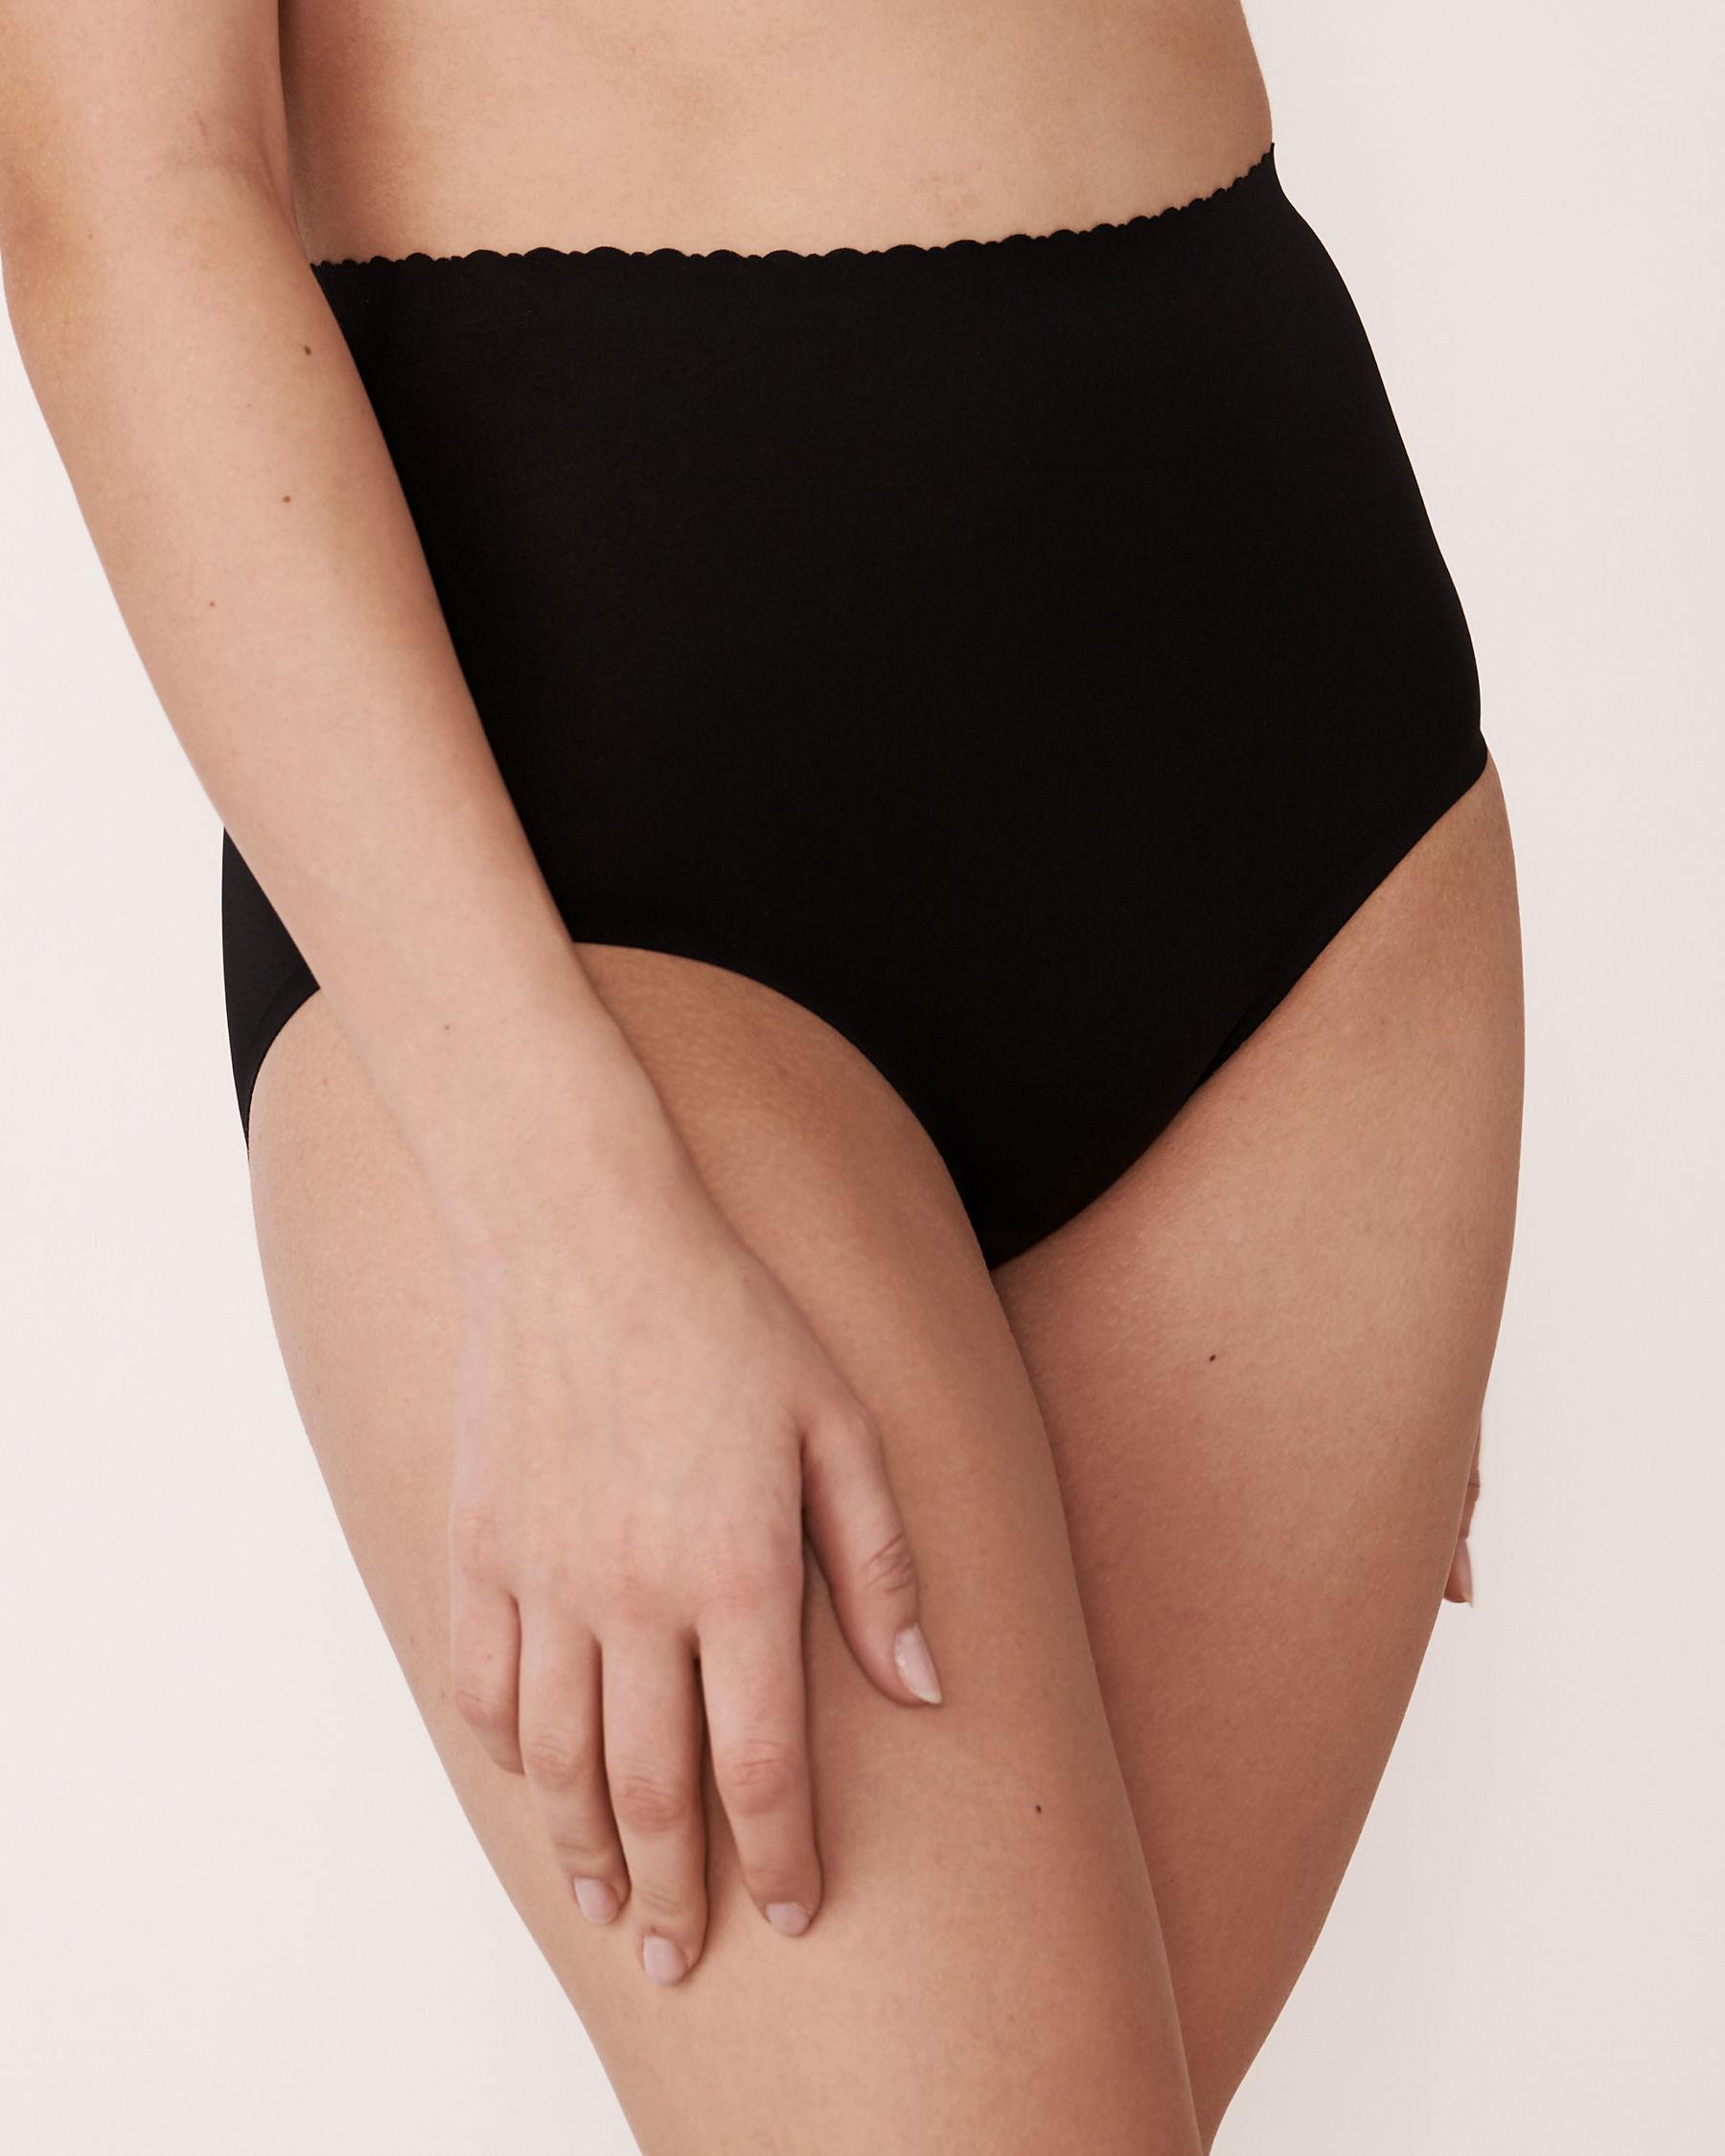 LA VIE EN ROSE Culotte bikini taille haute sans coutures Noir 712-122-1-00 - Voir1